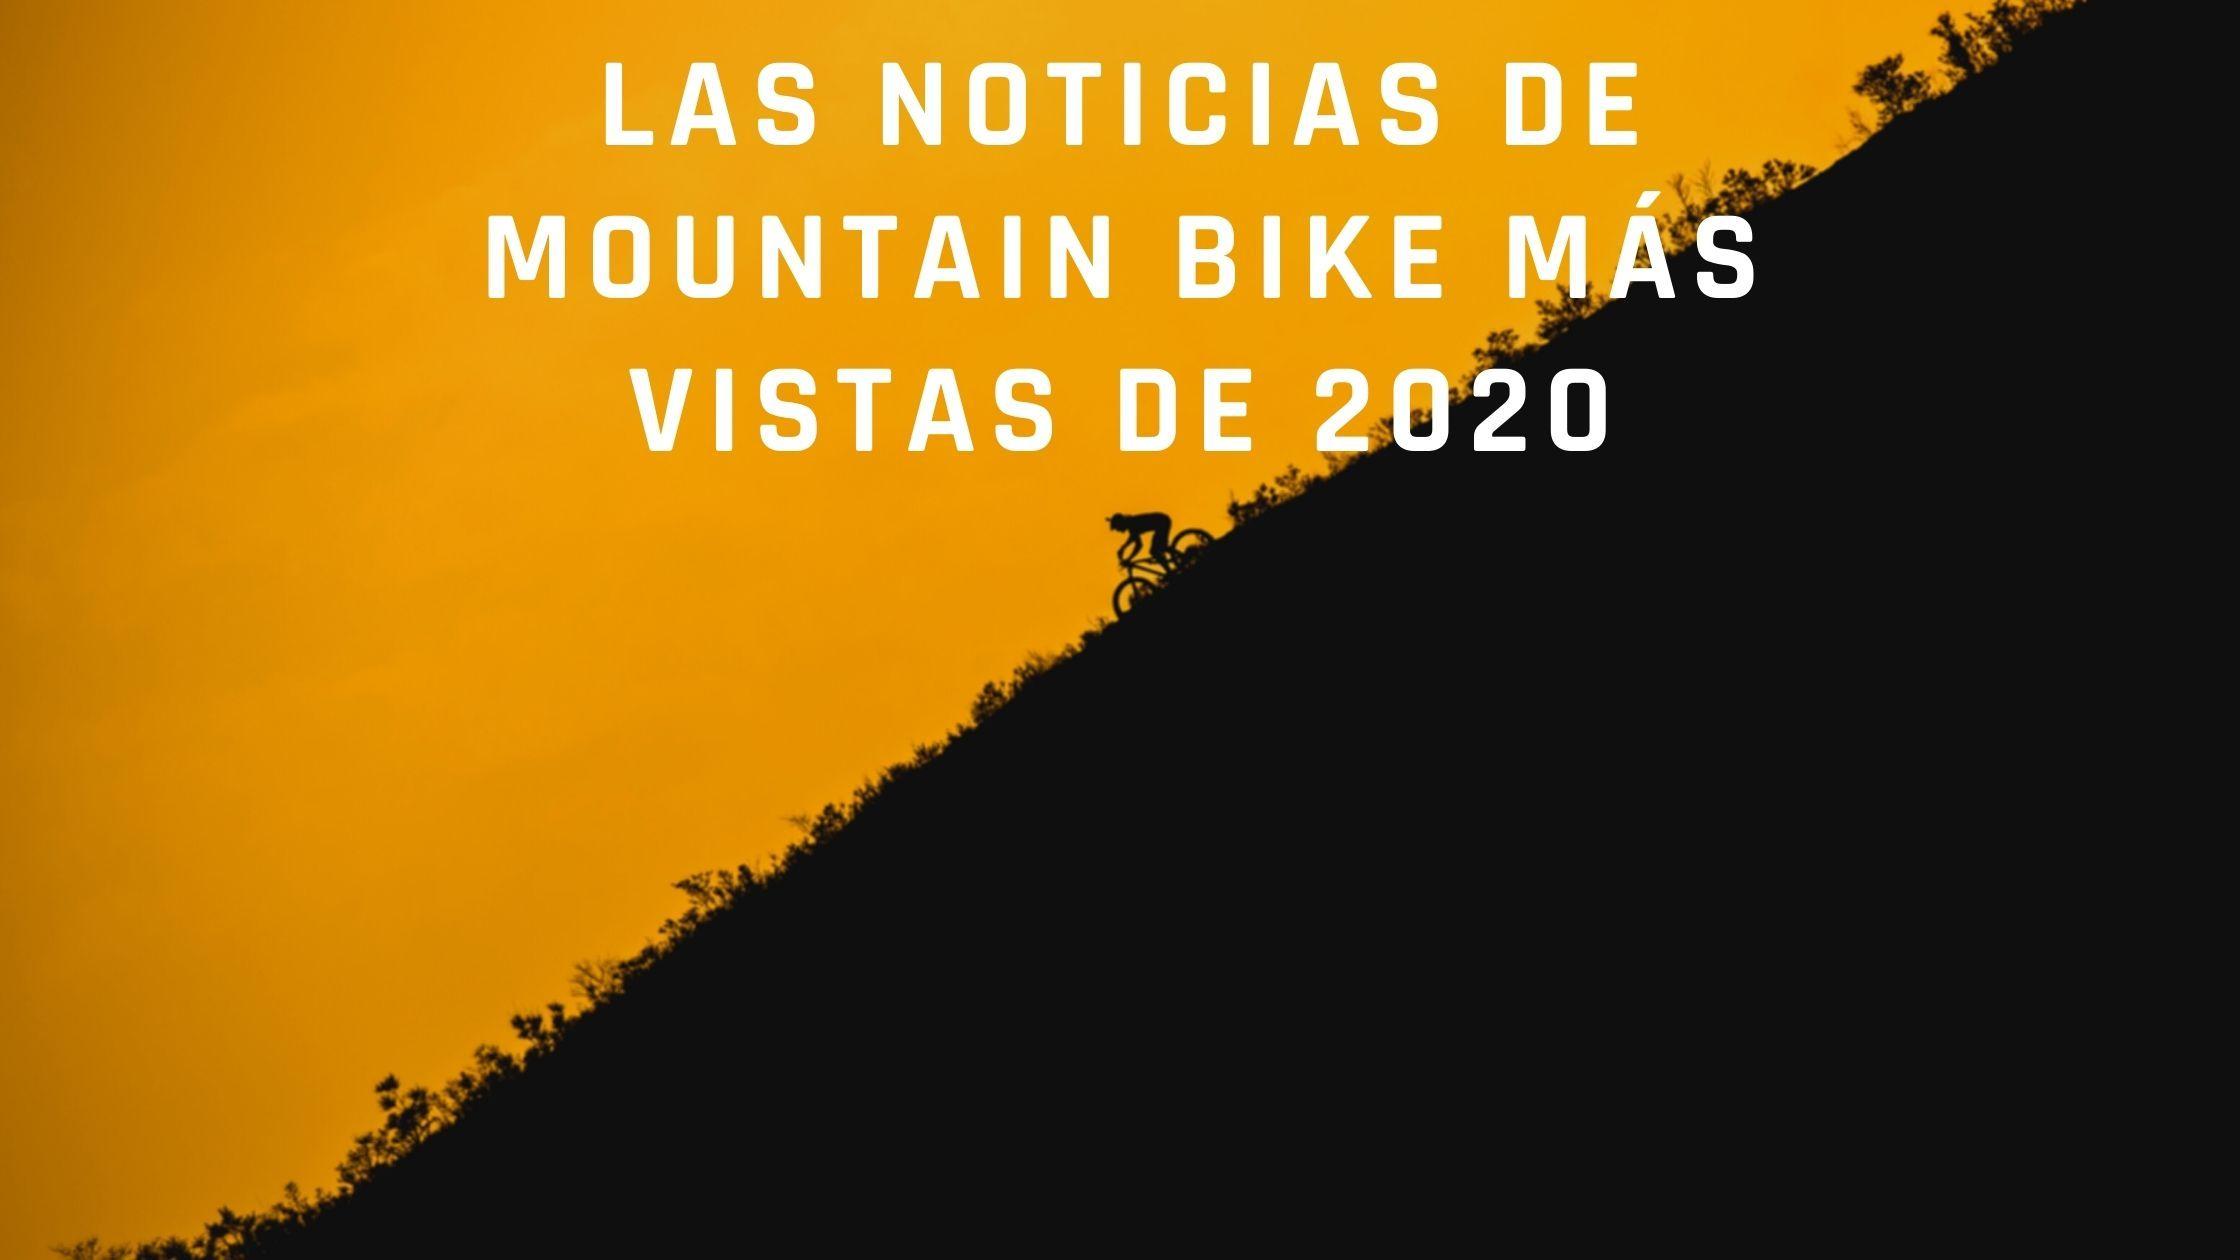 Las noticias de mountain bike más vistas de 2020